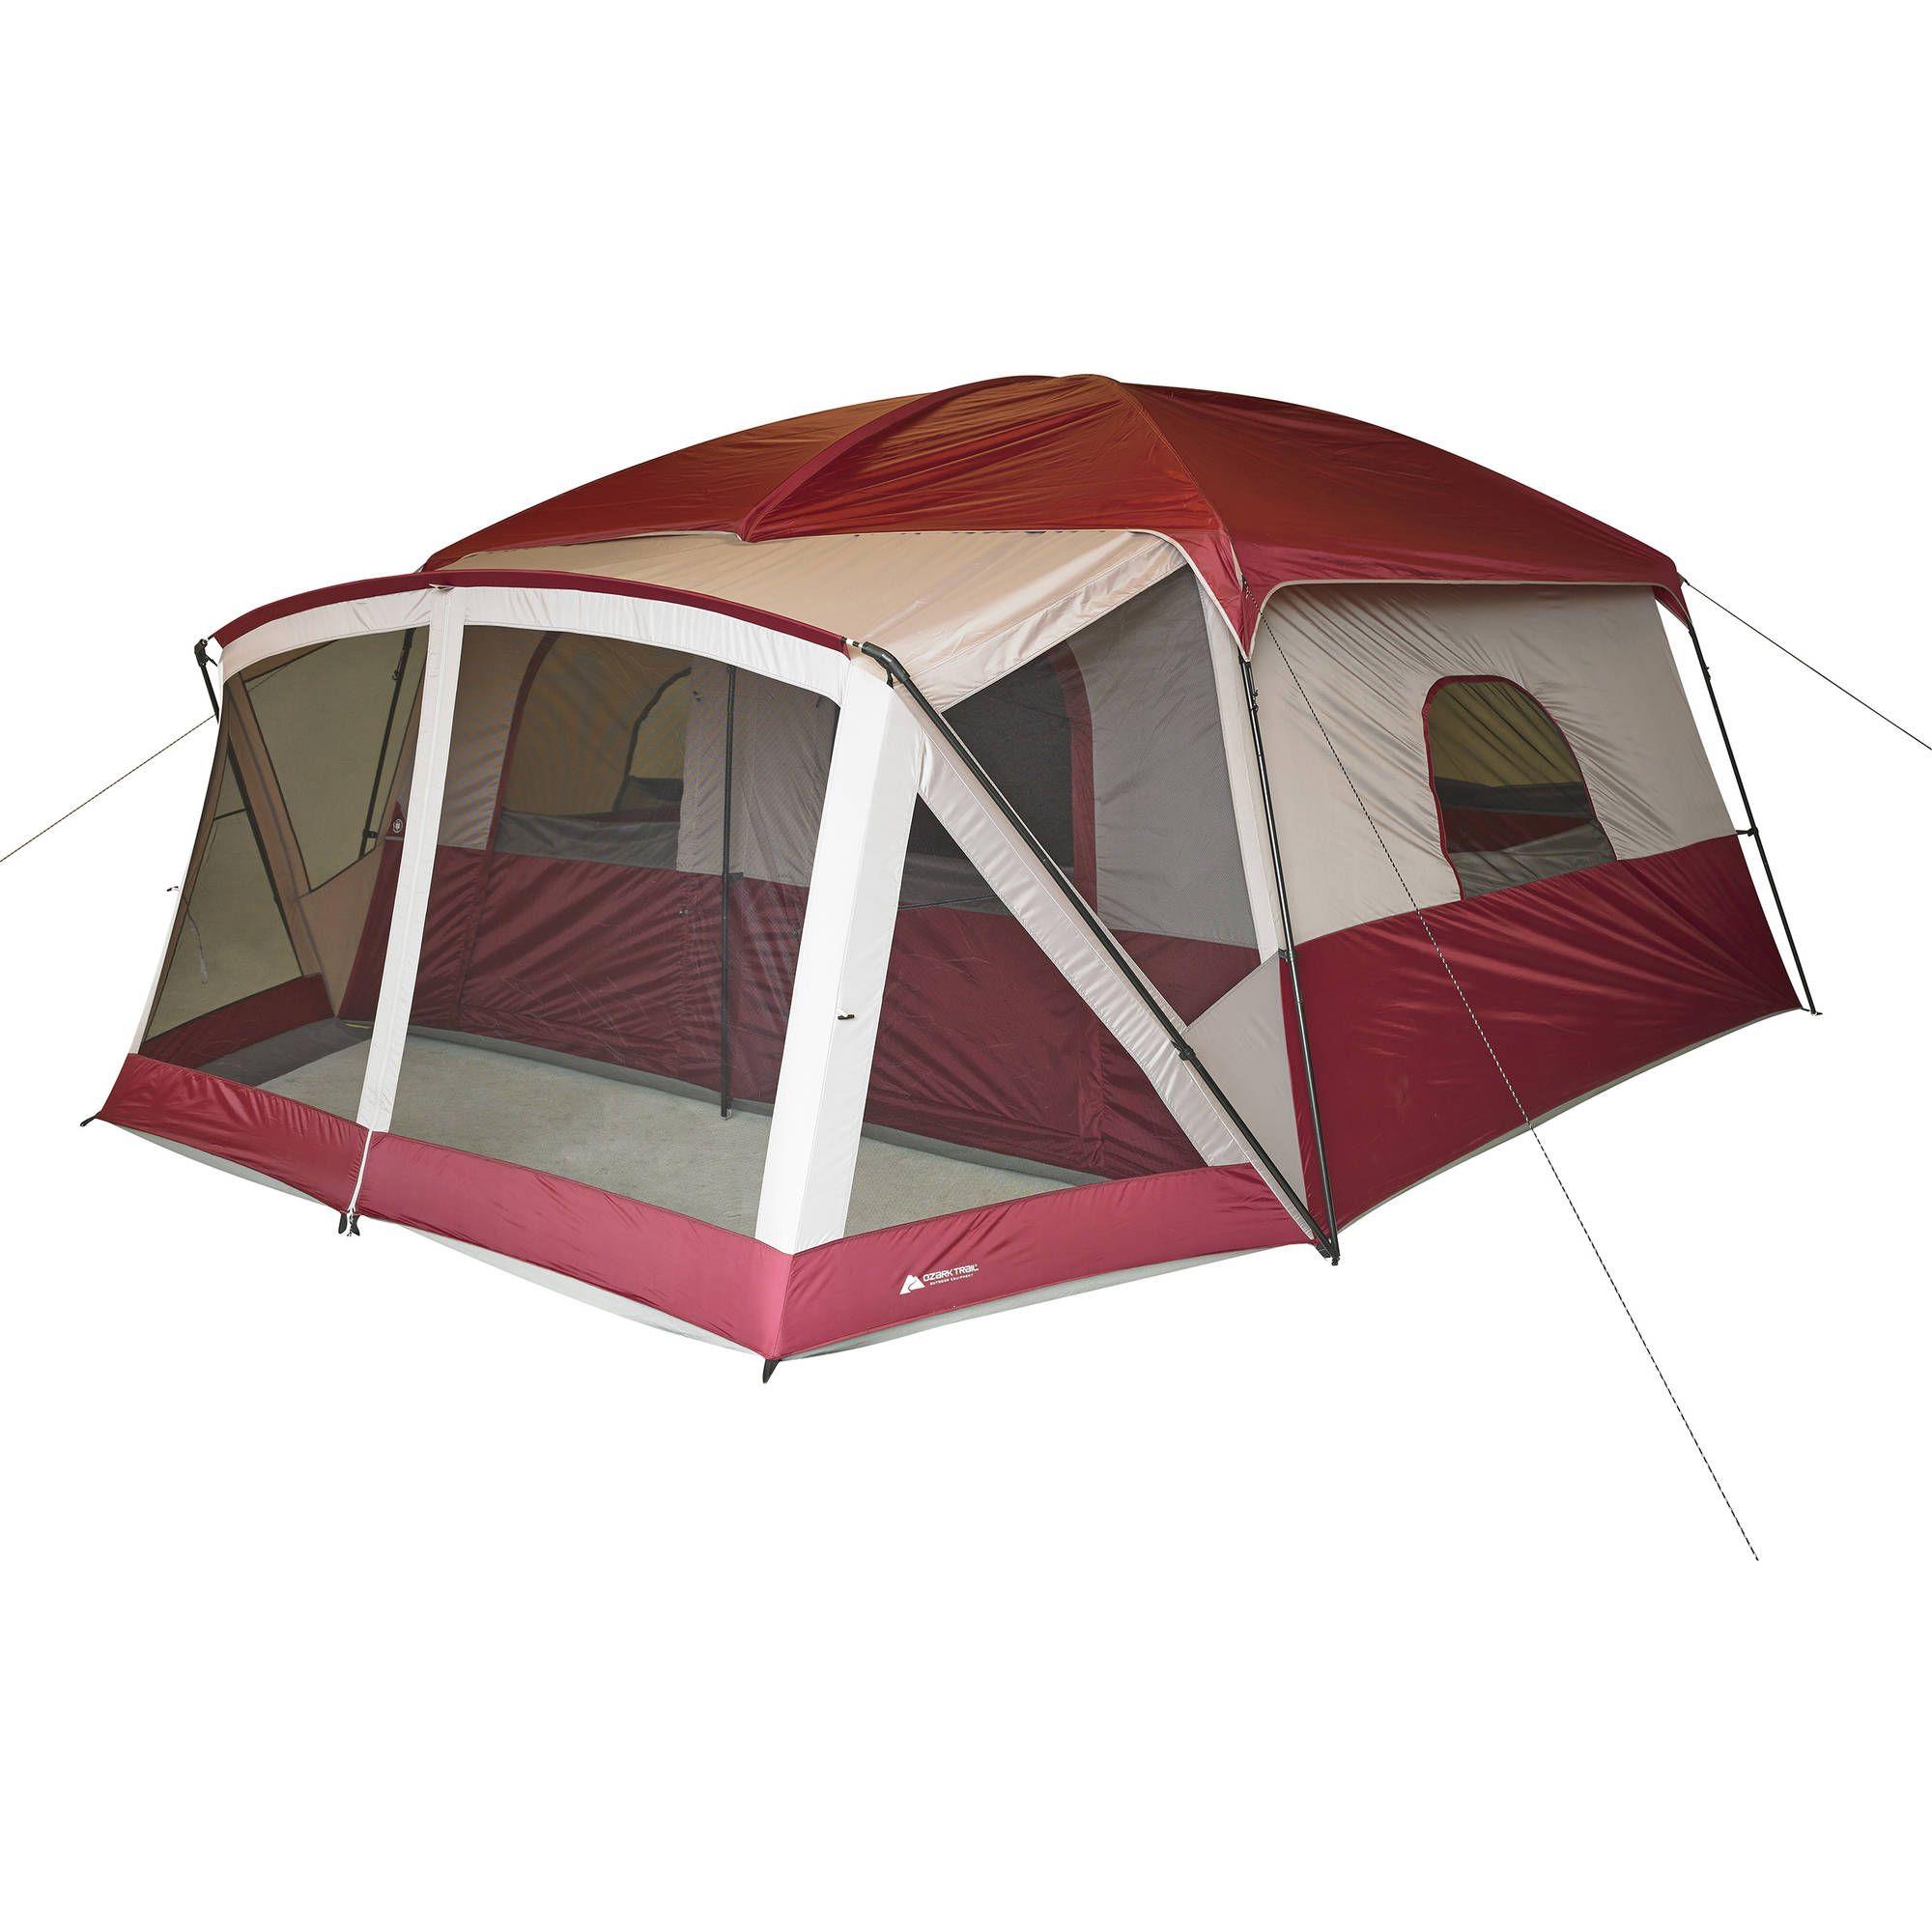 Ozark Trail 12 Person Cabin Tent With Screen Porch